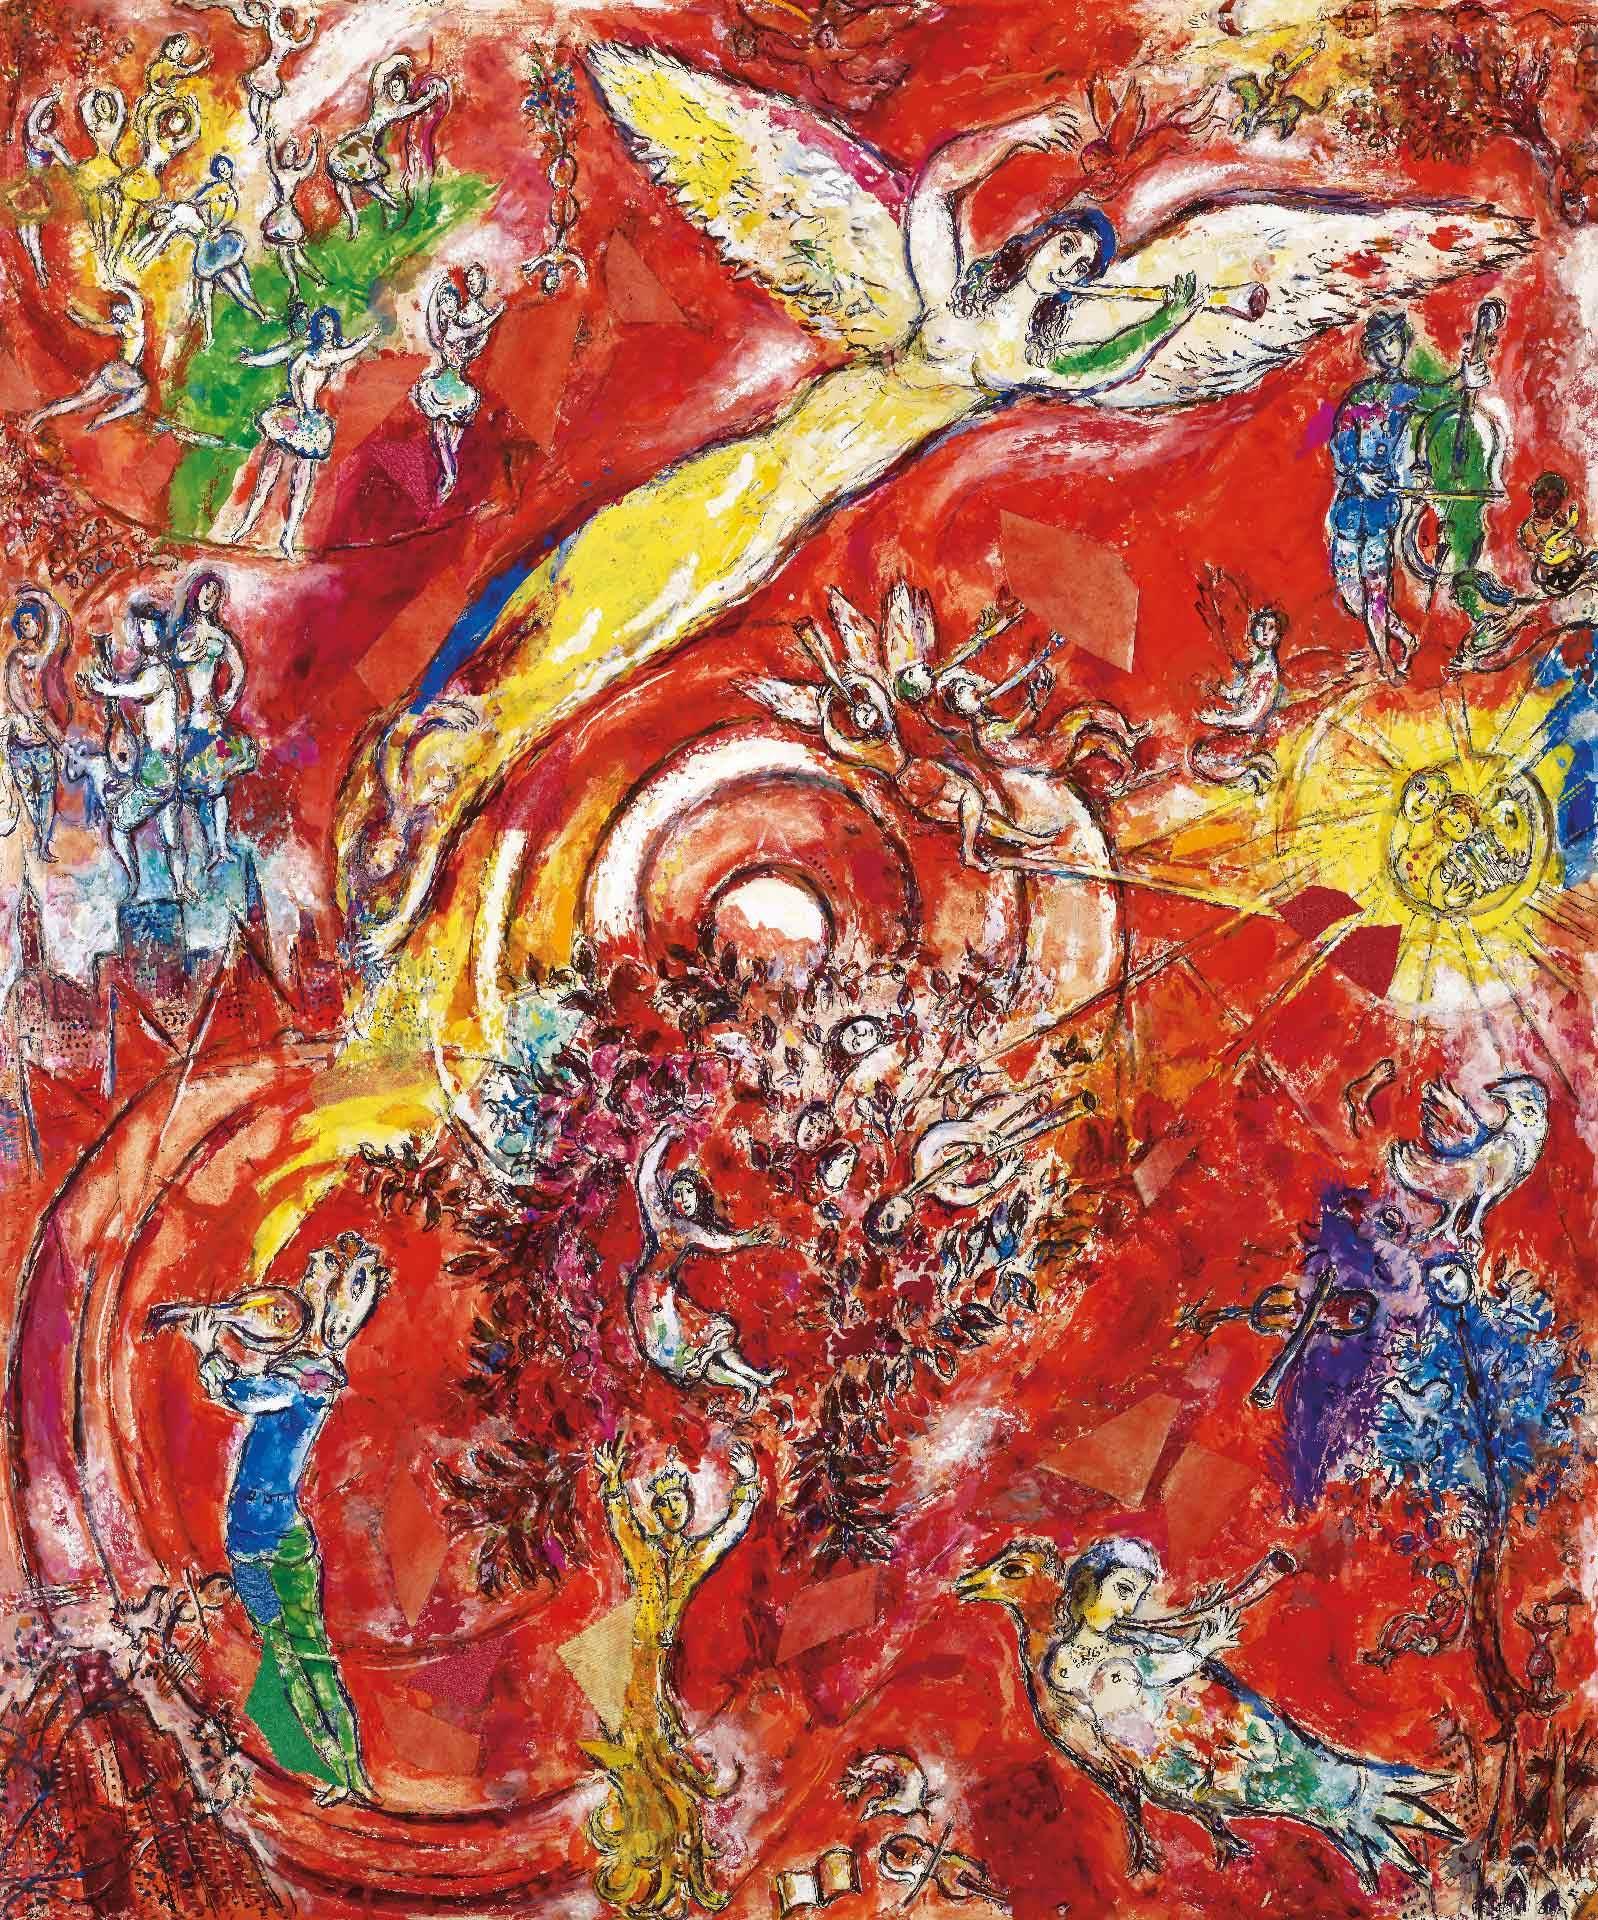 Marc Chagall (1887-1985), Maquette définitive pour la peinture murale du Metropolitan Opera, Lincoln Center for the Performing Arts, New York : Le Triomphe de la musique (détail), 1966